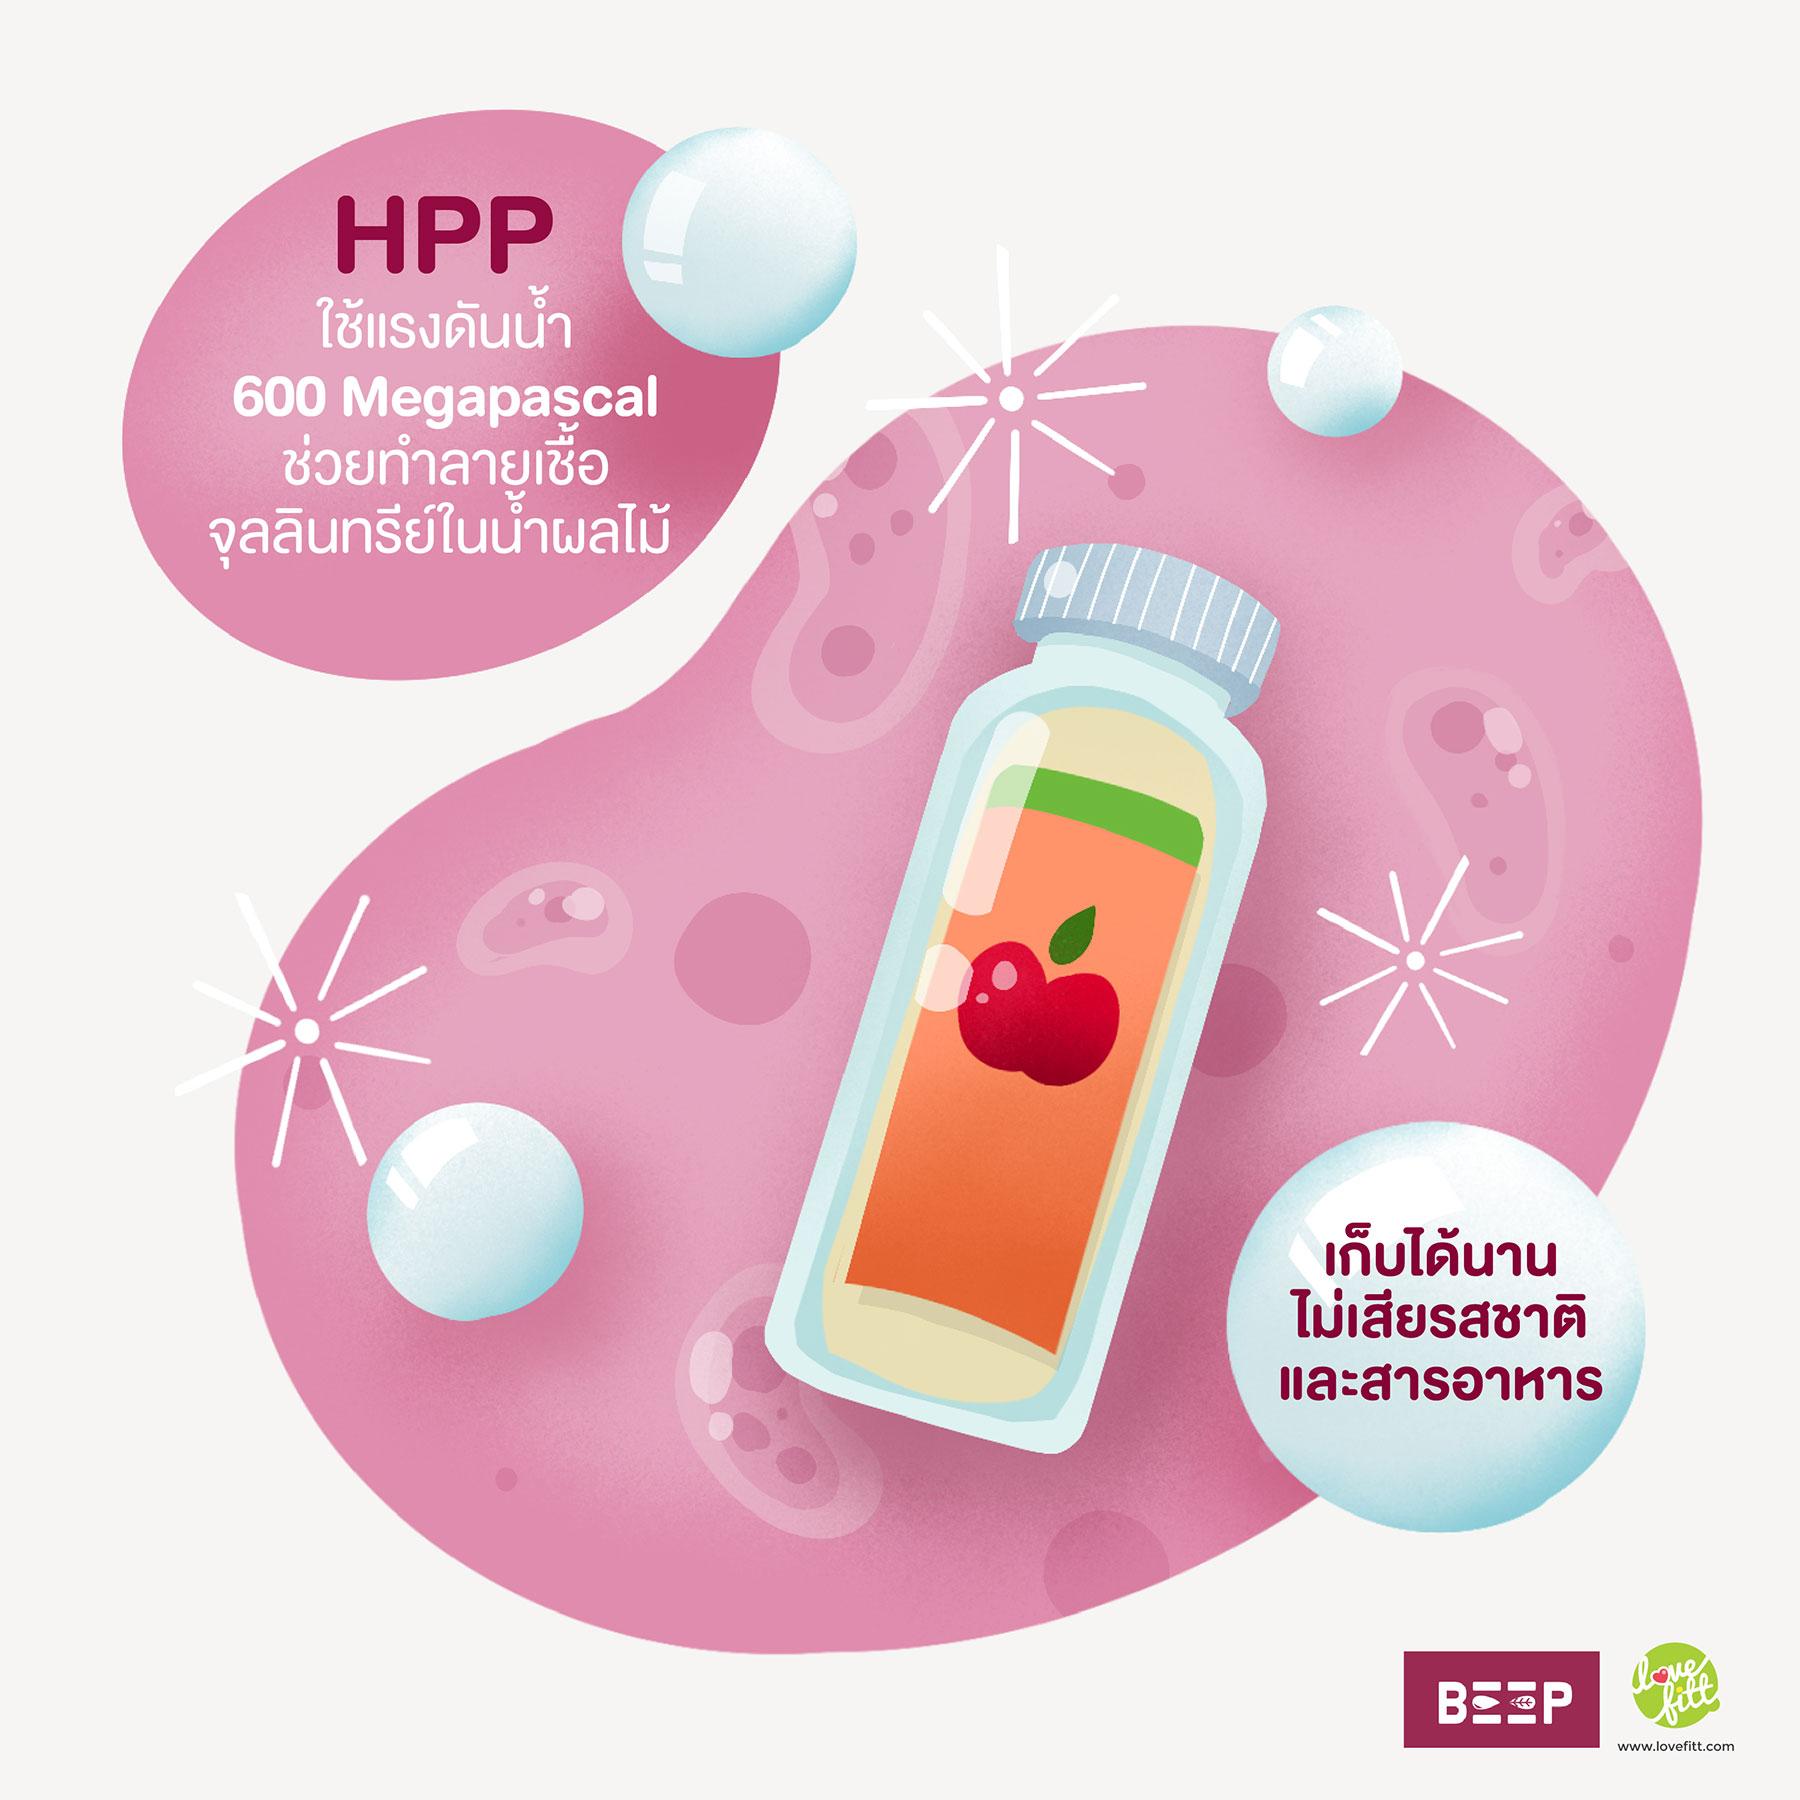 HPP Cold-Pressed ความลับแห่งการเก็บรักษาคุณประโยชน์จากธรรมชาติ